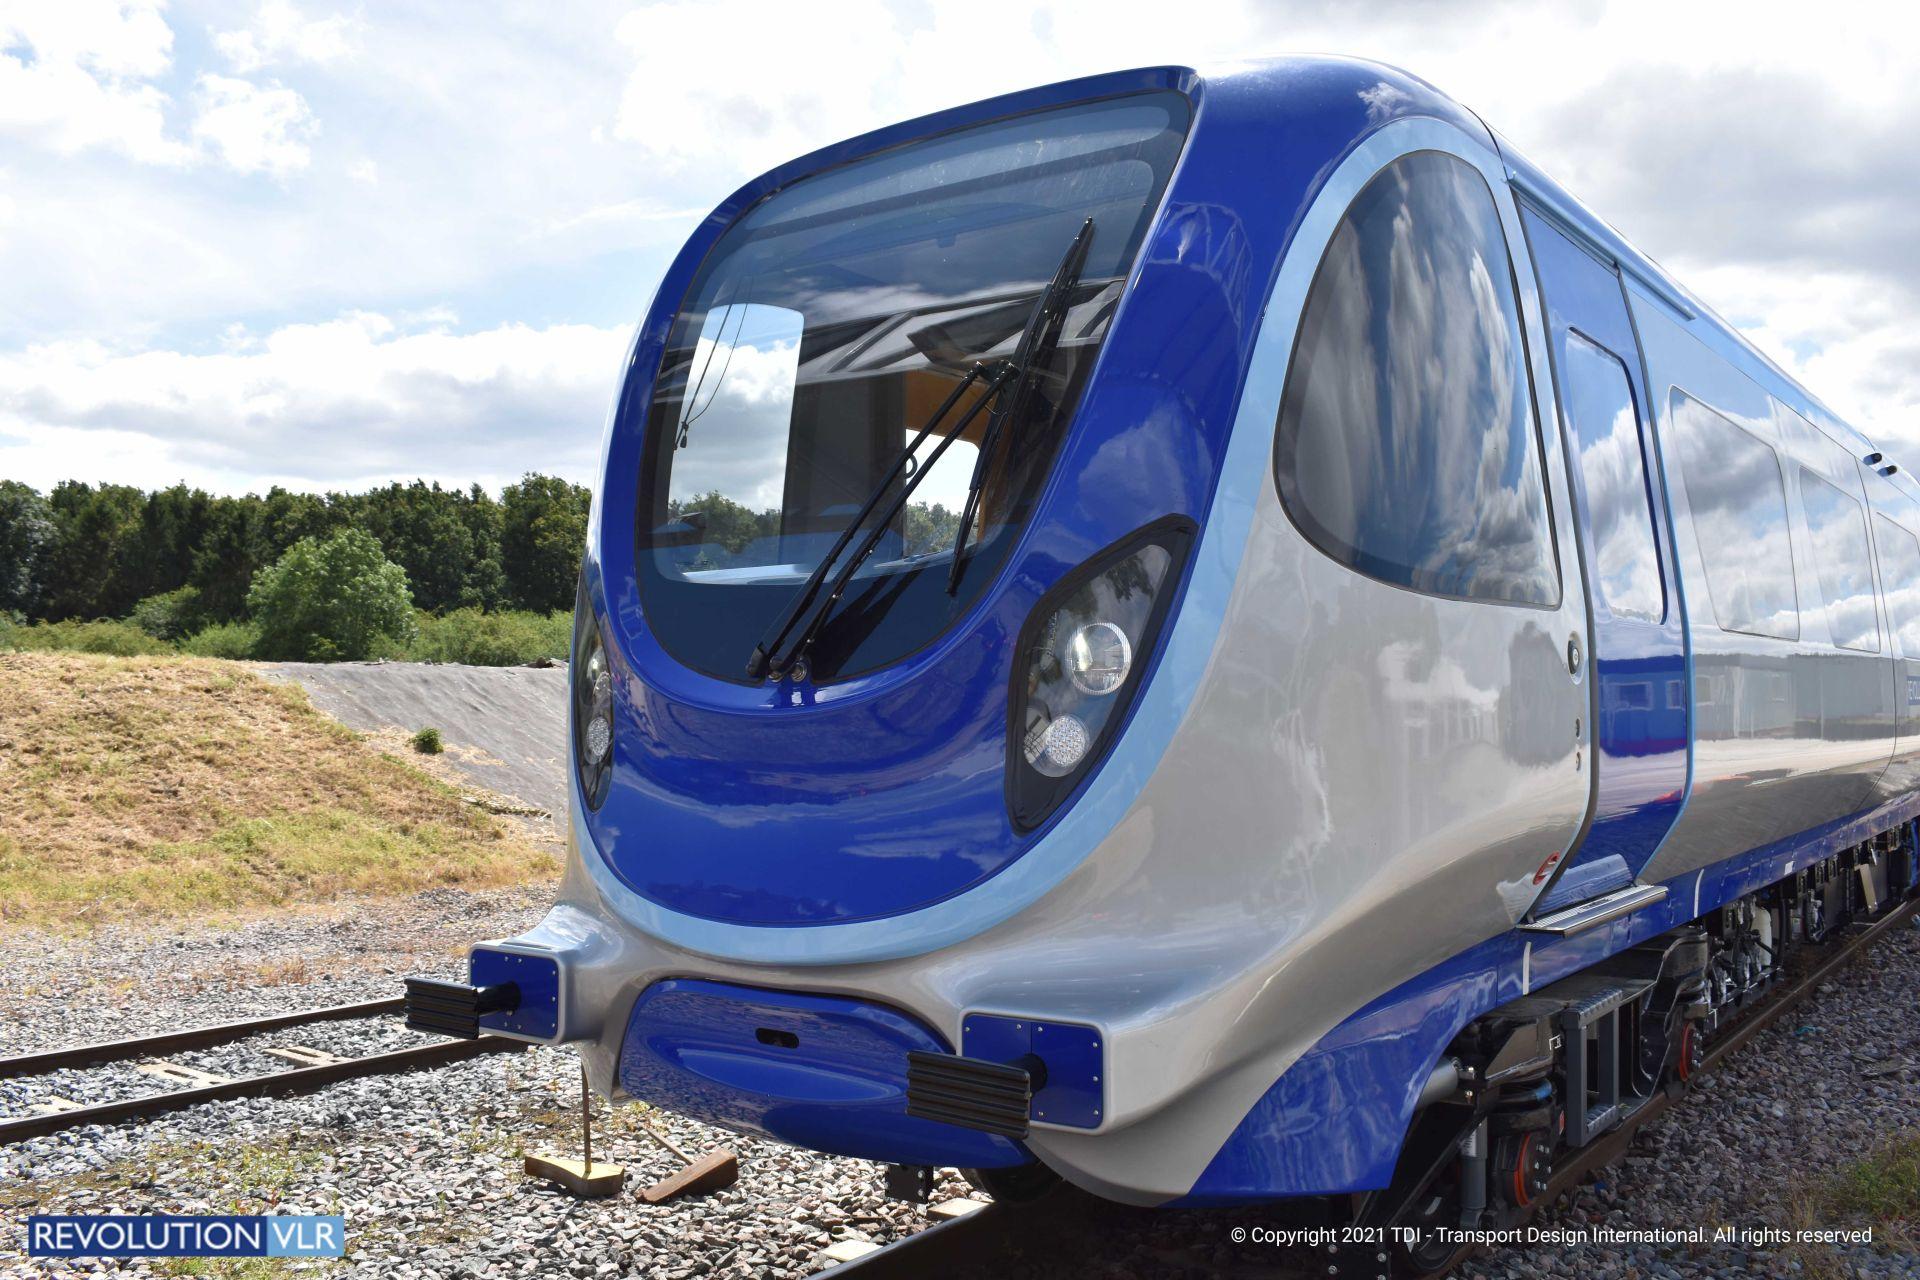 Lehký motorový vůz Revolution VLR Demonstrator. Pramen: Transport Design International